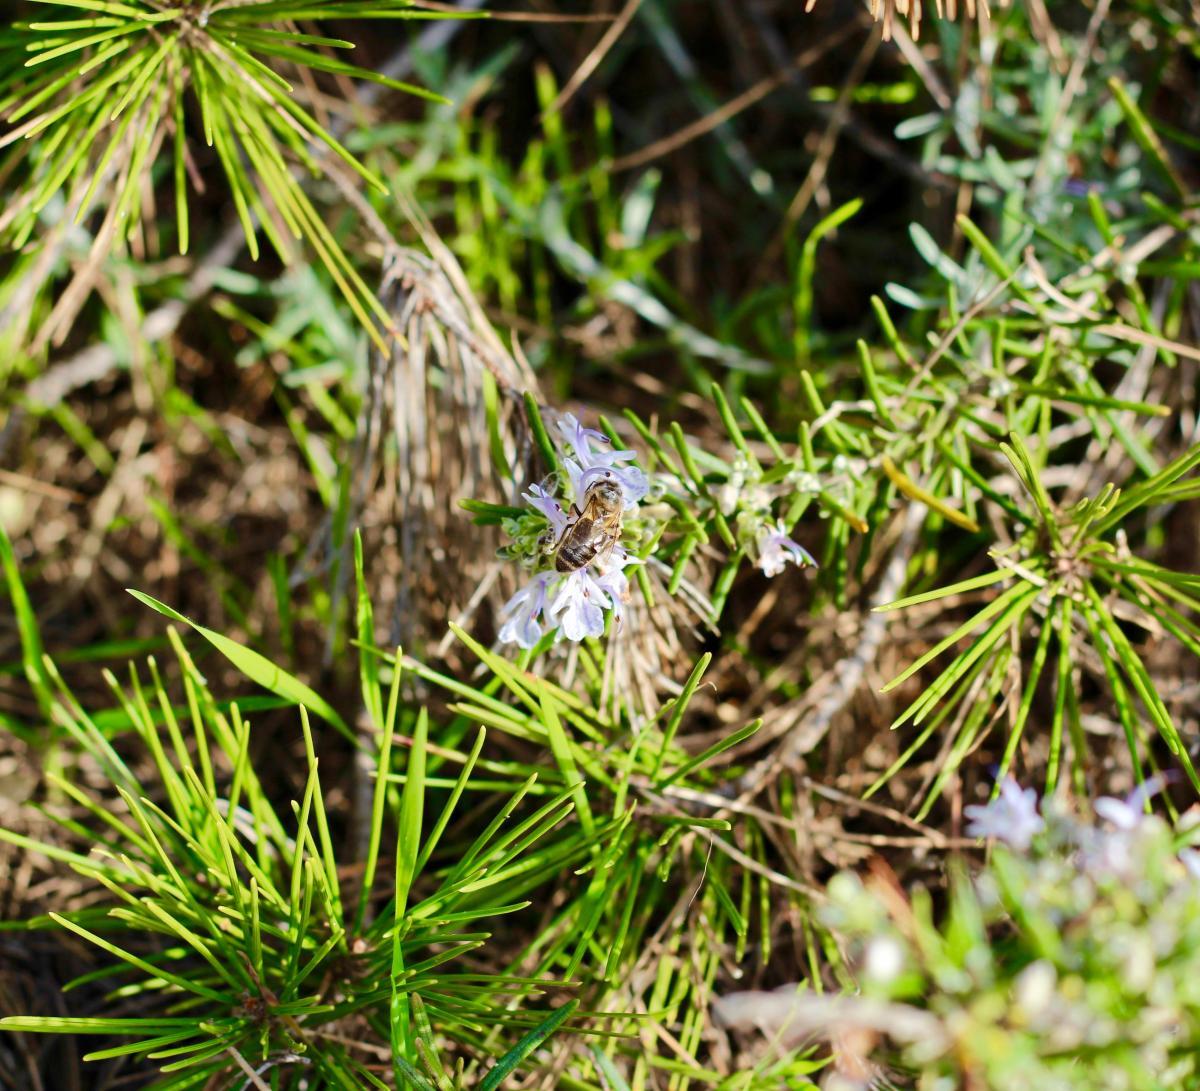 Plant Leaf Grass